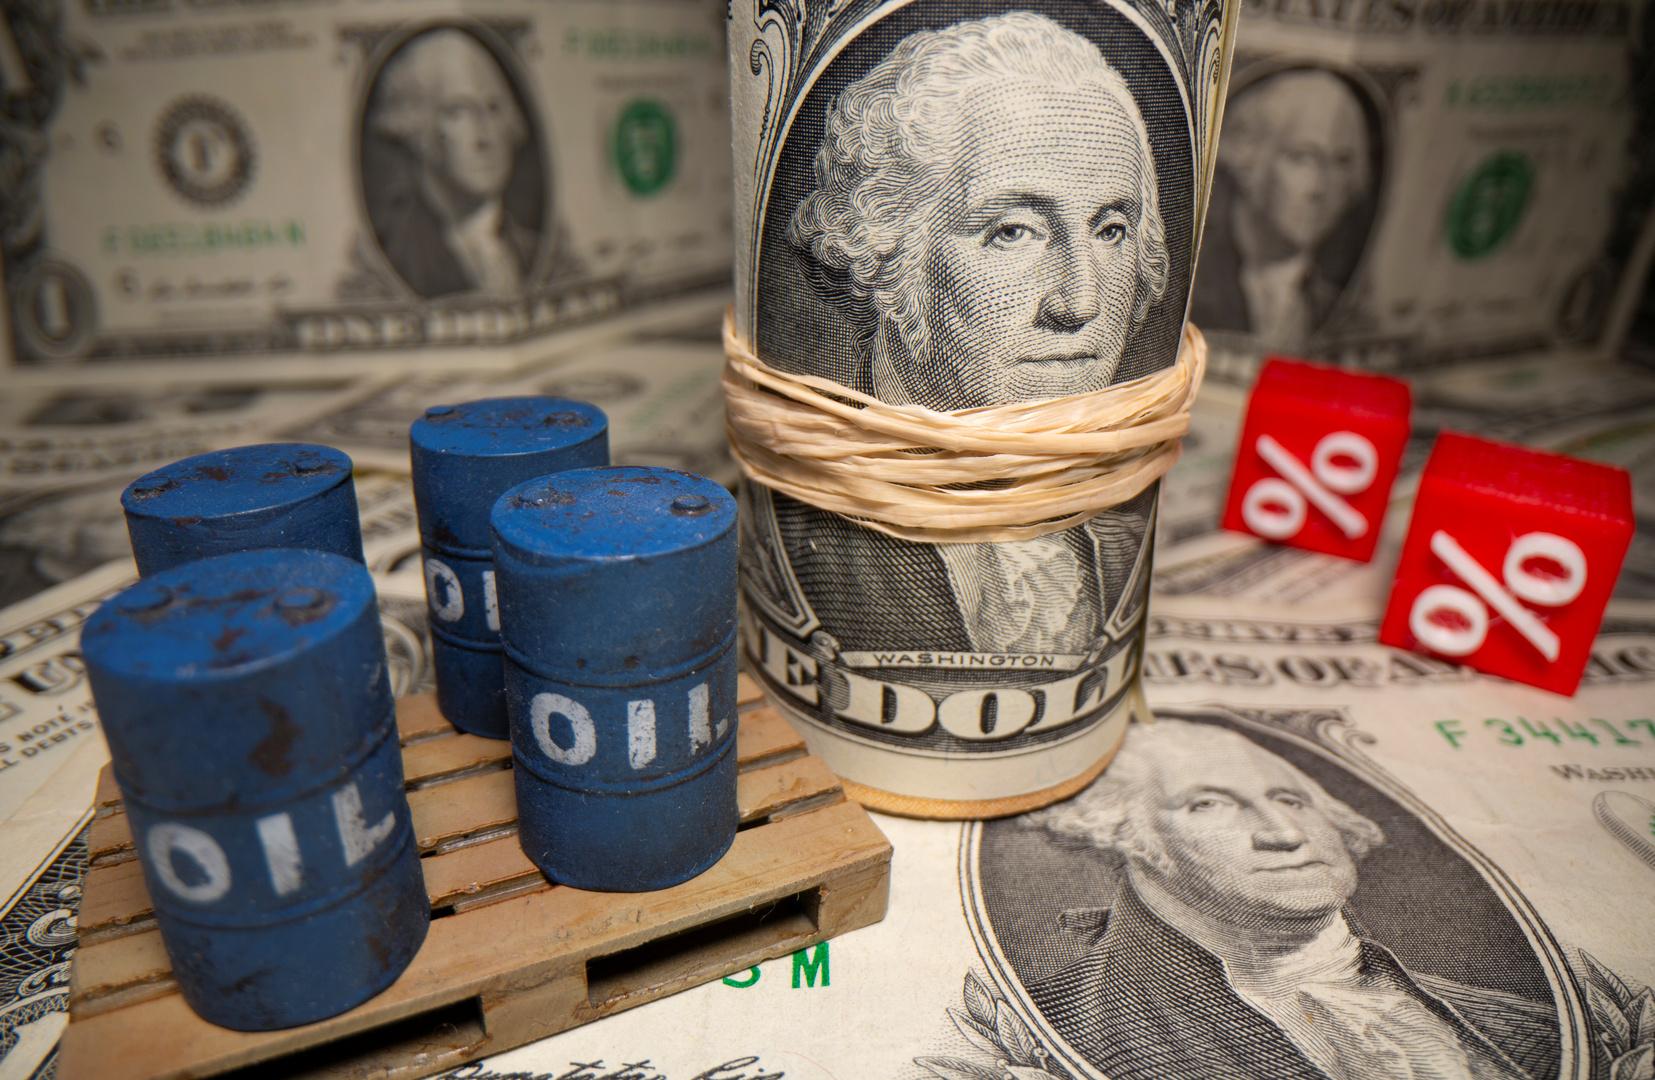 برميل النفط بـ100 دولار.. بوتين يرجح بلوغ الذهب الأسود هذا المستوى